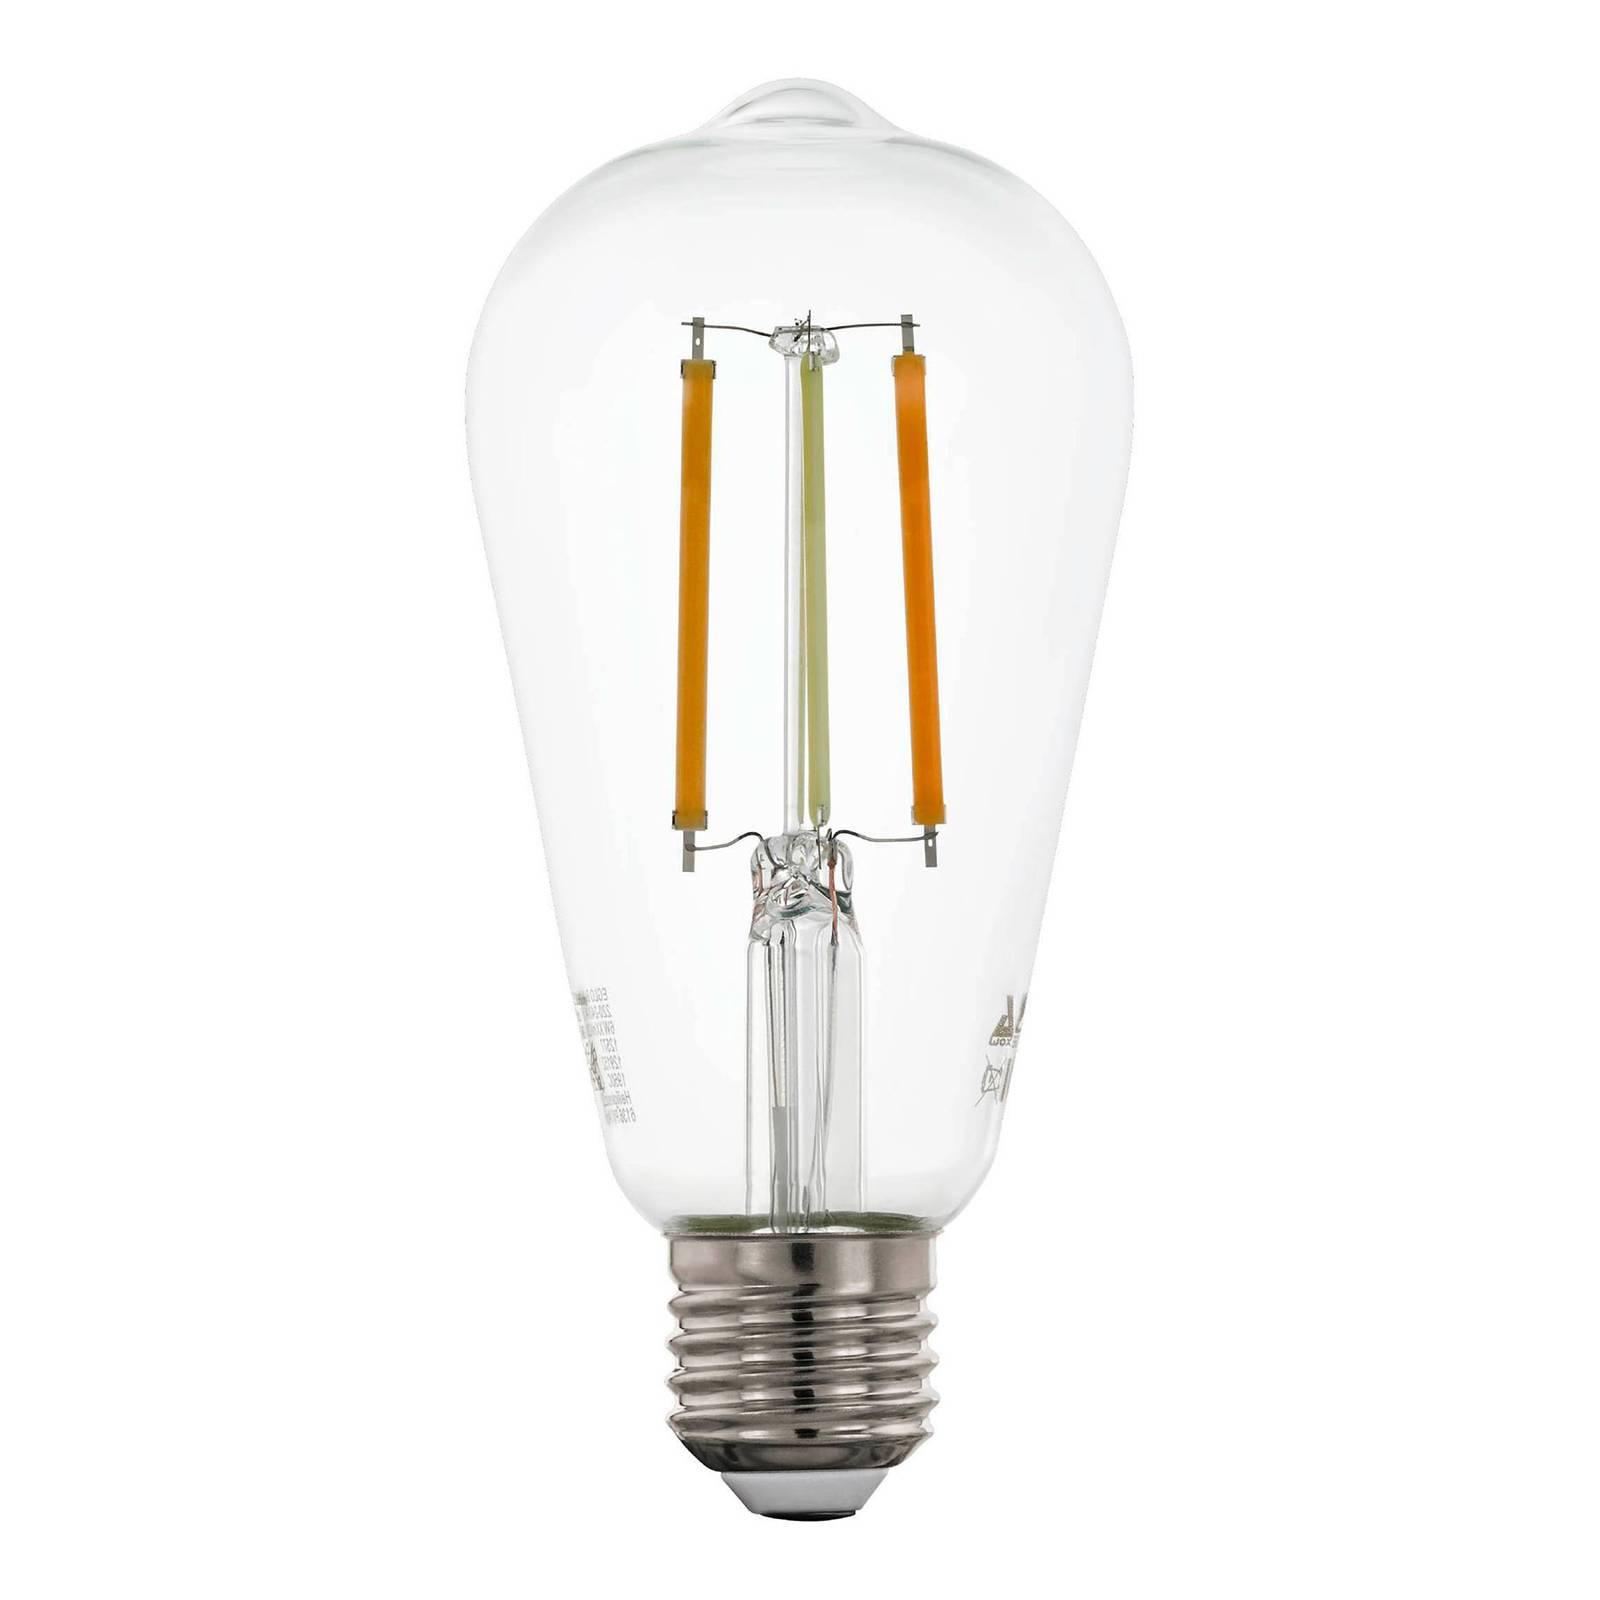 EGLO connect E27 6W Rustika filament Tunable White